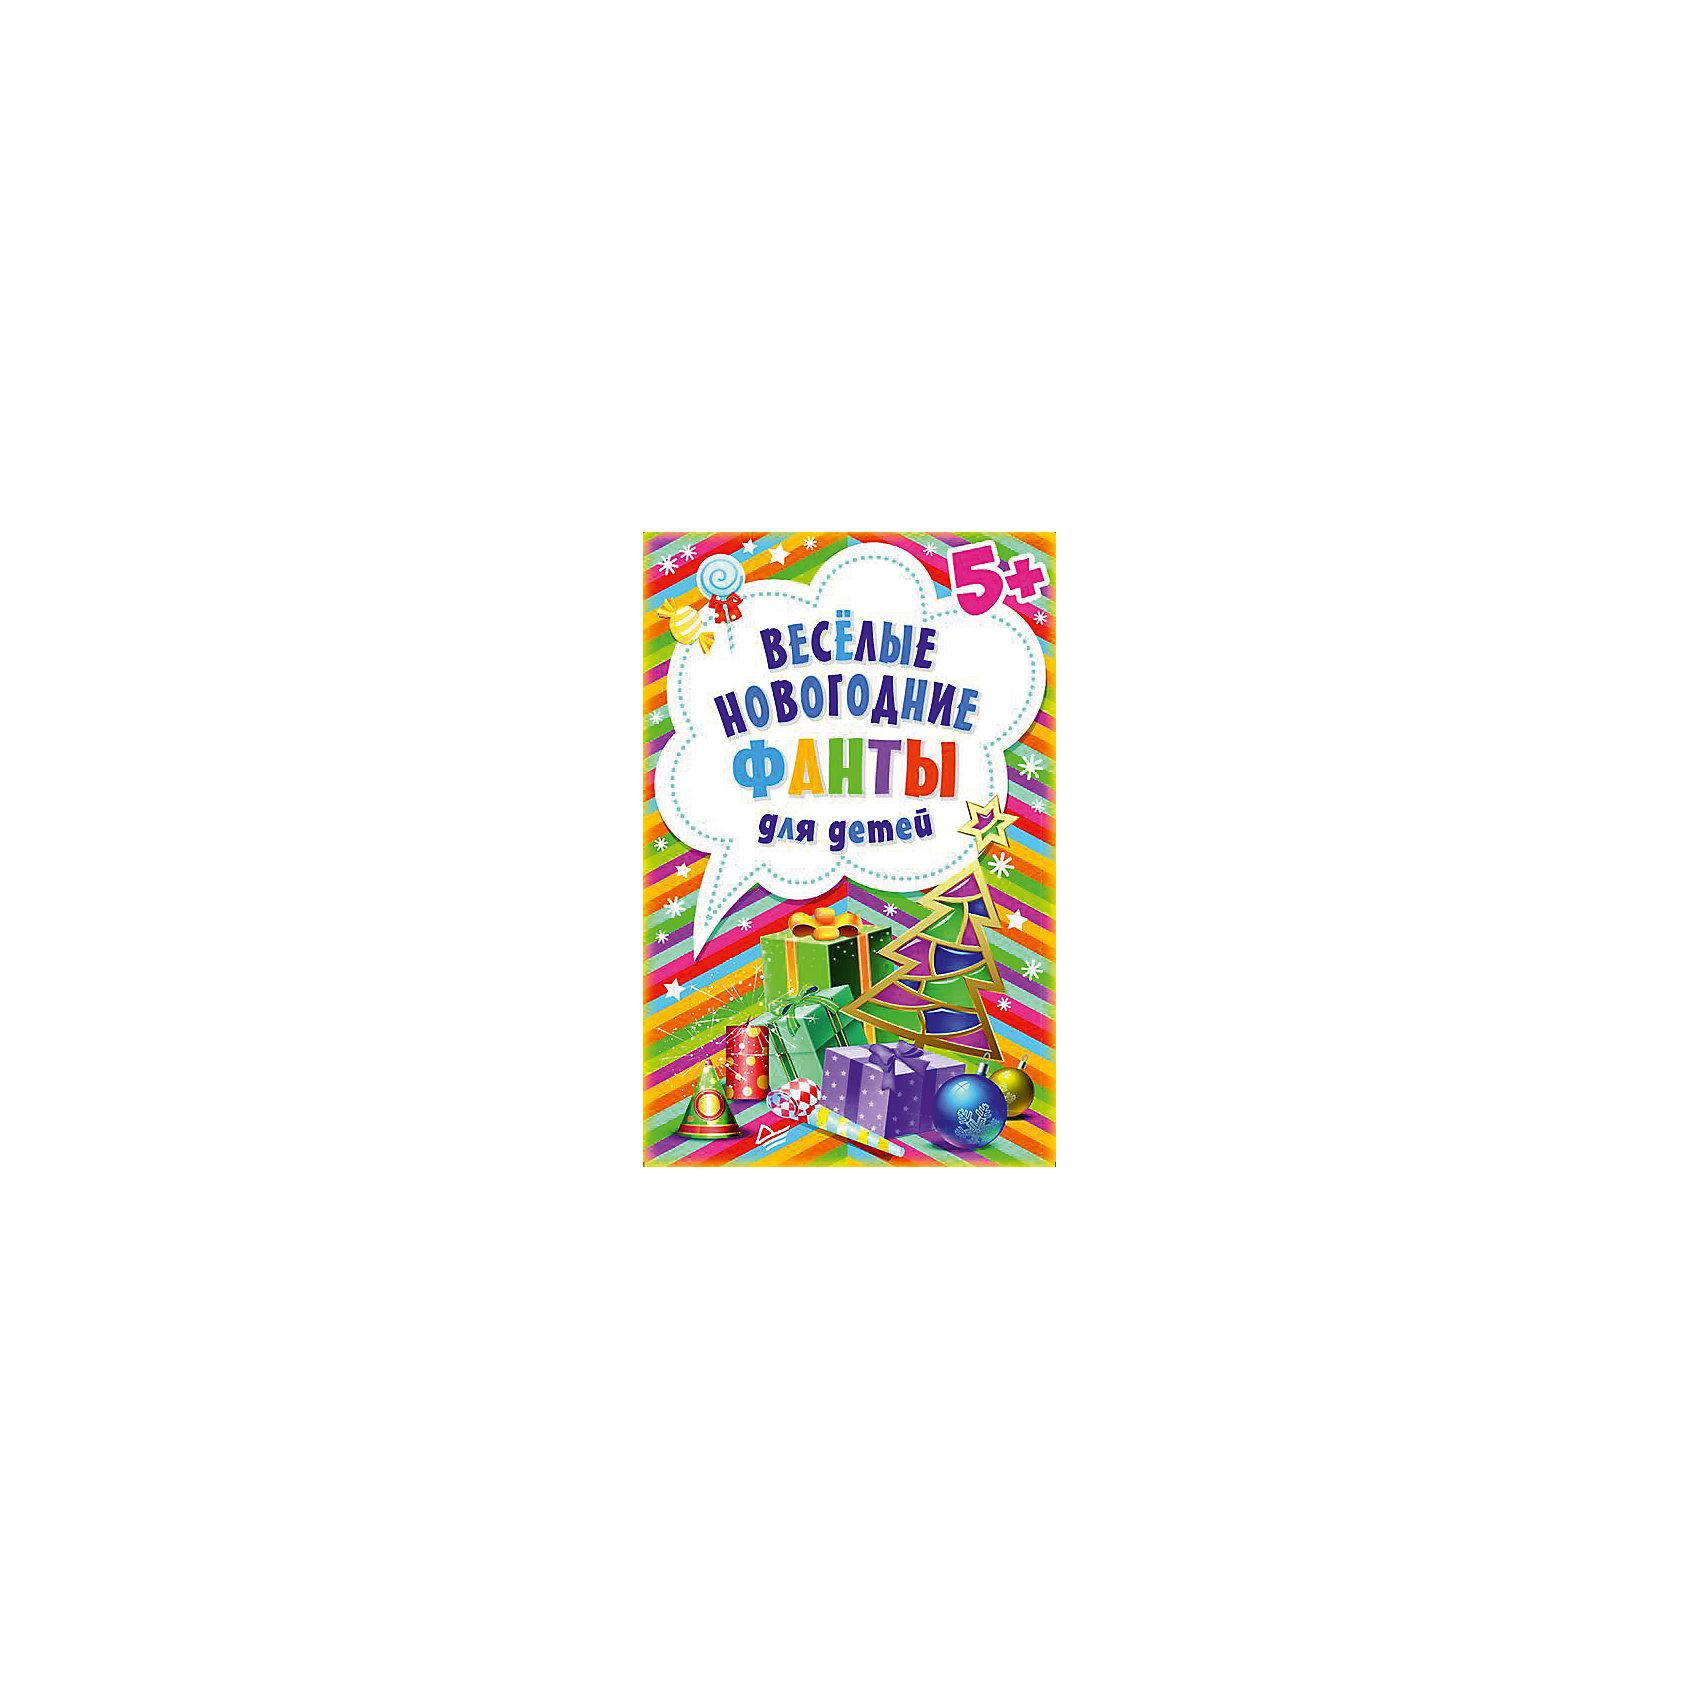 Набор книг Новогодний (Новогодние снежинки и гирлянды из бумаги + Фанты для детей)В наборе две книги:<br>1. Весёлые новогодние фанты для детей (45 карточек)<br>45 карточек с новогодними заданиями соберут вместе всю семью. Вытащите фант, прочитайте задание — и проявите свои способности. Взрослые играют вместе с детьми!<br><br>2. Новогодние снежинки, гирлянды, ангелы и другие чудеса из бумаги.<br>Эта книга расскажет вам, как с помощью самых простых и доступных материалов создавать прекрасные снежинки и даже гирлянды! Каждую снежинку, которая вам понравилась, можно сделать, воспользовавшись подробным описанием и шаблоном.<br><br>Ширина мм: 252<br>Глубина мм: 195<br>Высота мм: 15<br>Вес г: 202<br>Возраст от месяцев: 60<br>Возраст до месяцев: 120<br>Пол: Унисекс<br>Возраст: Детский<br>SKU: 4937457